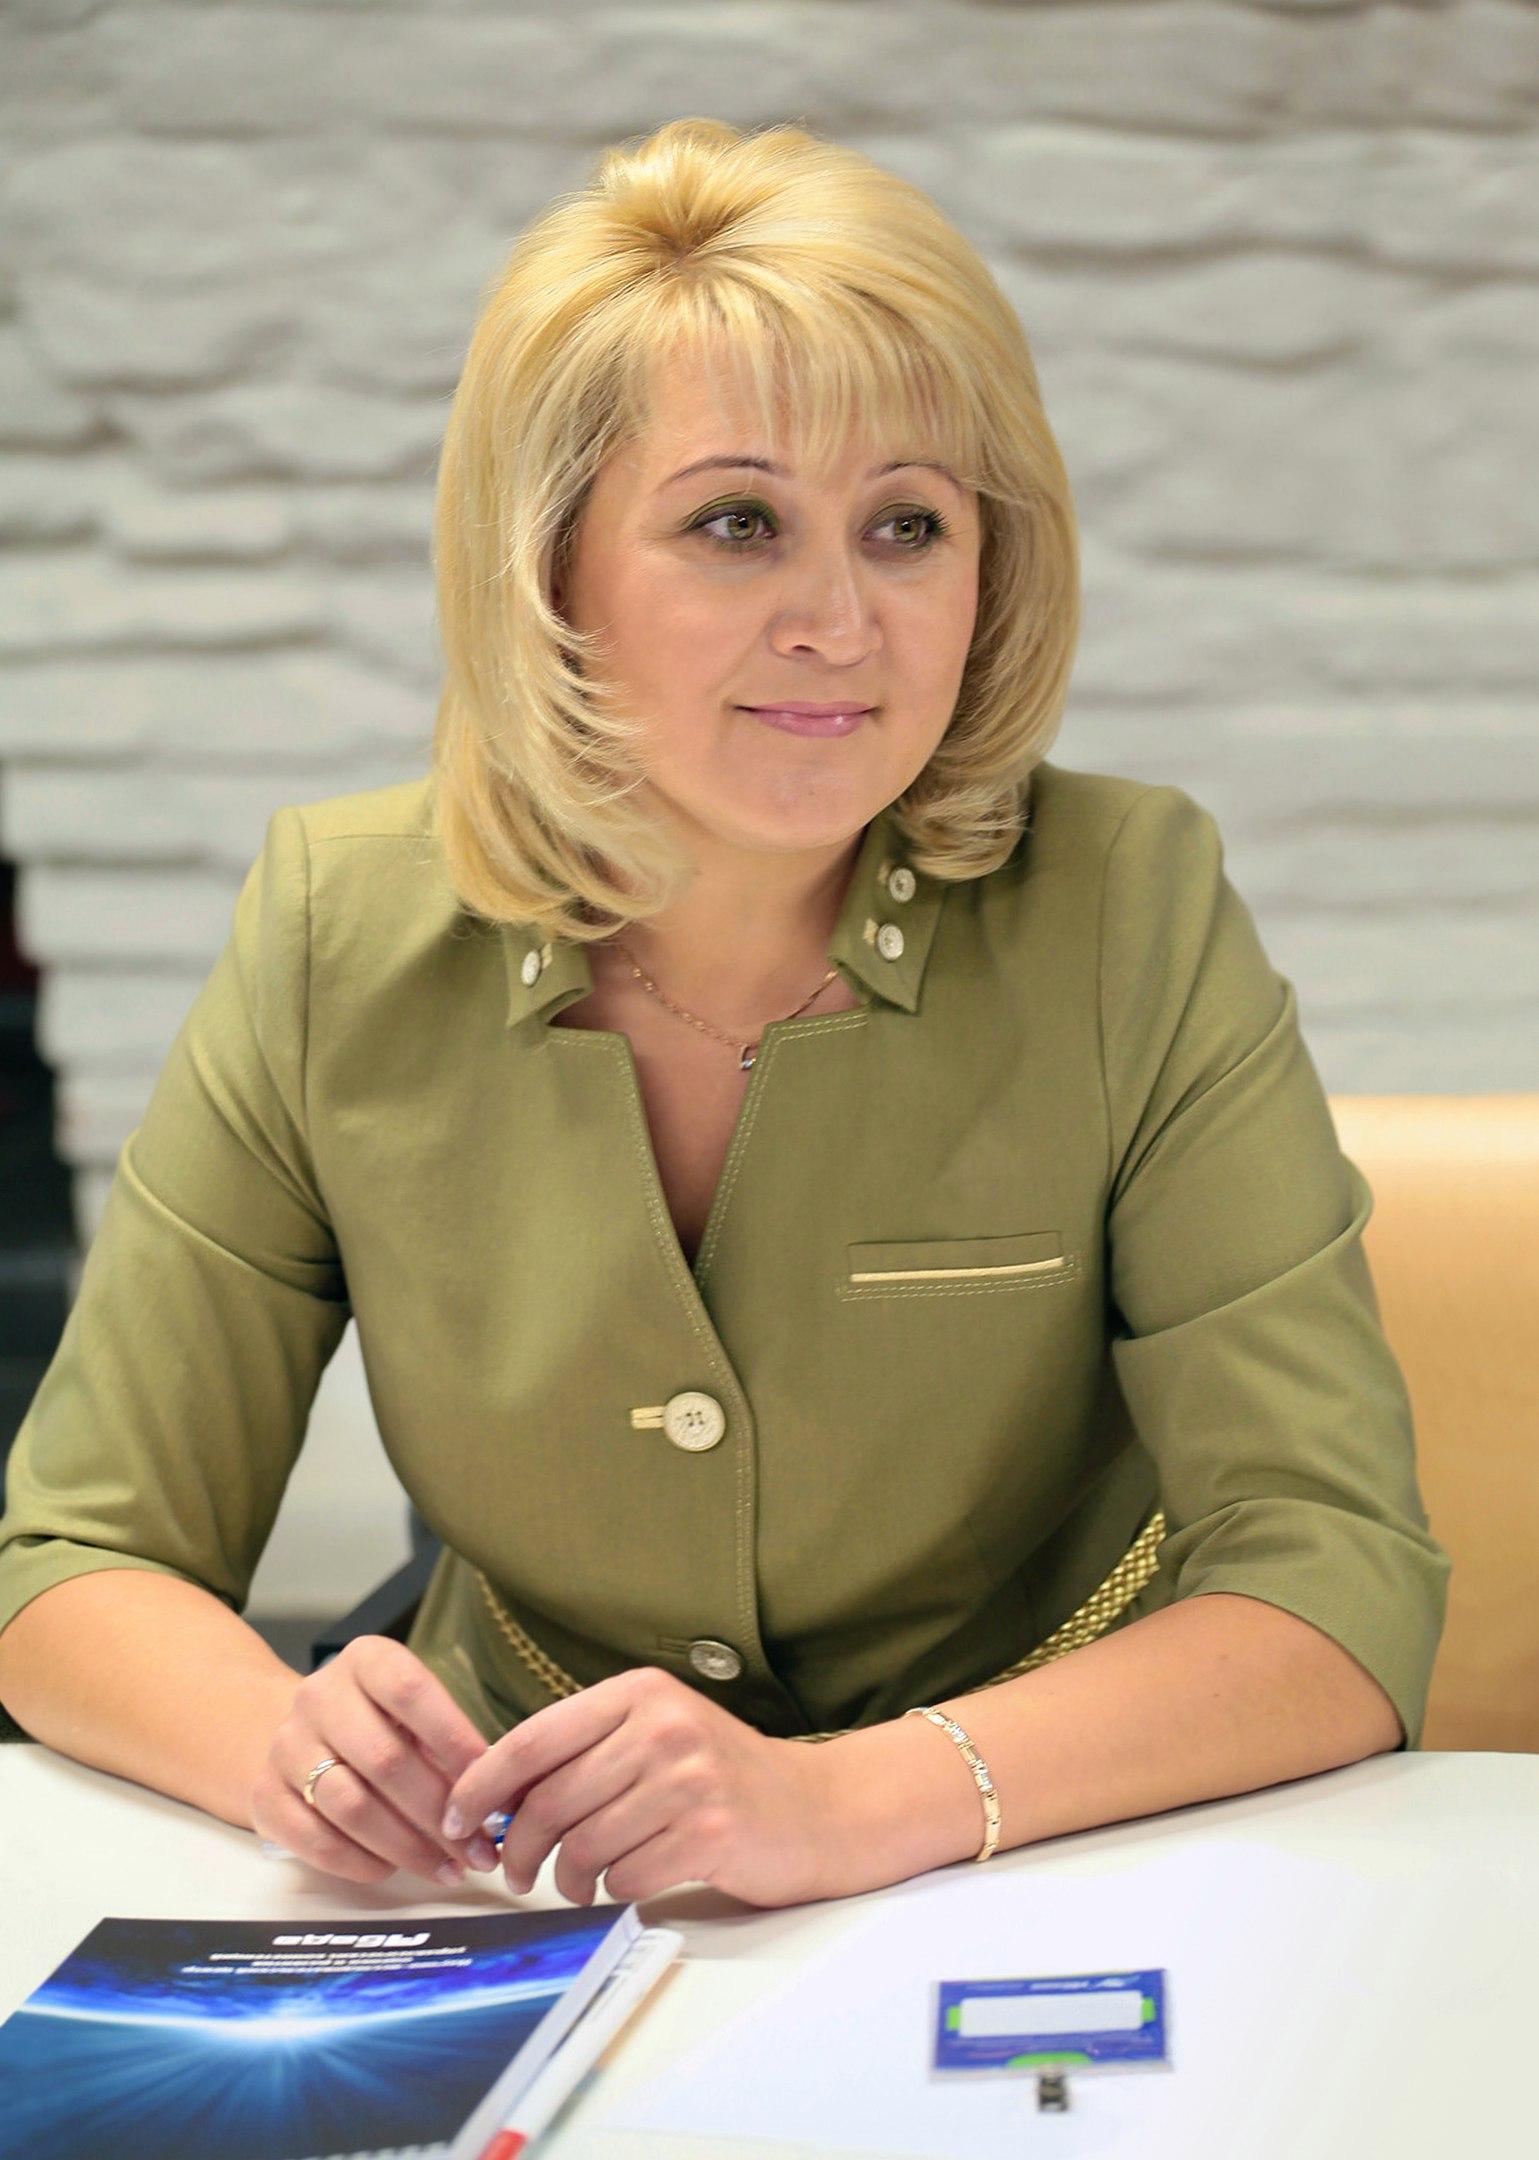 Председатель, первый заместитель председателя комитета Совета Федерации РФ по науке, образованию и культуре Гумерова Лилия Салаватовна